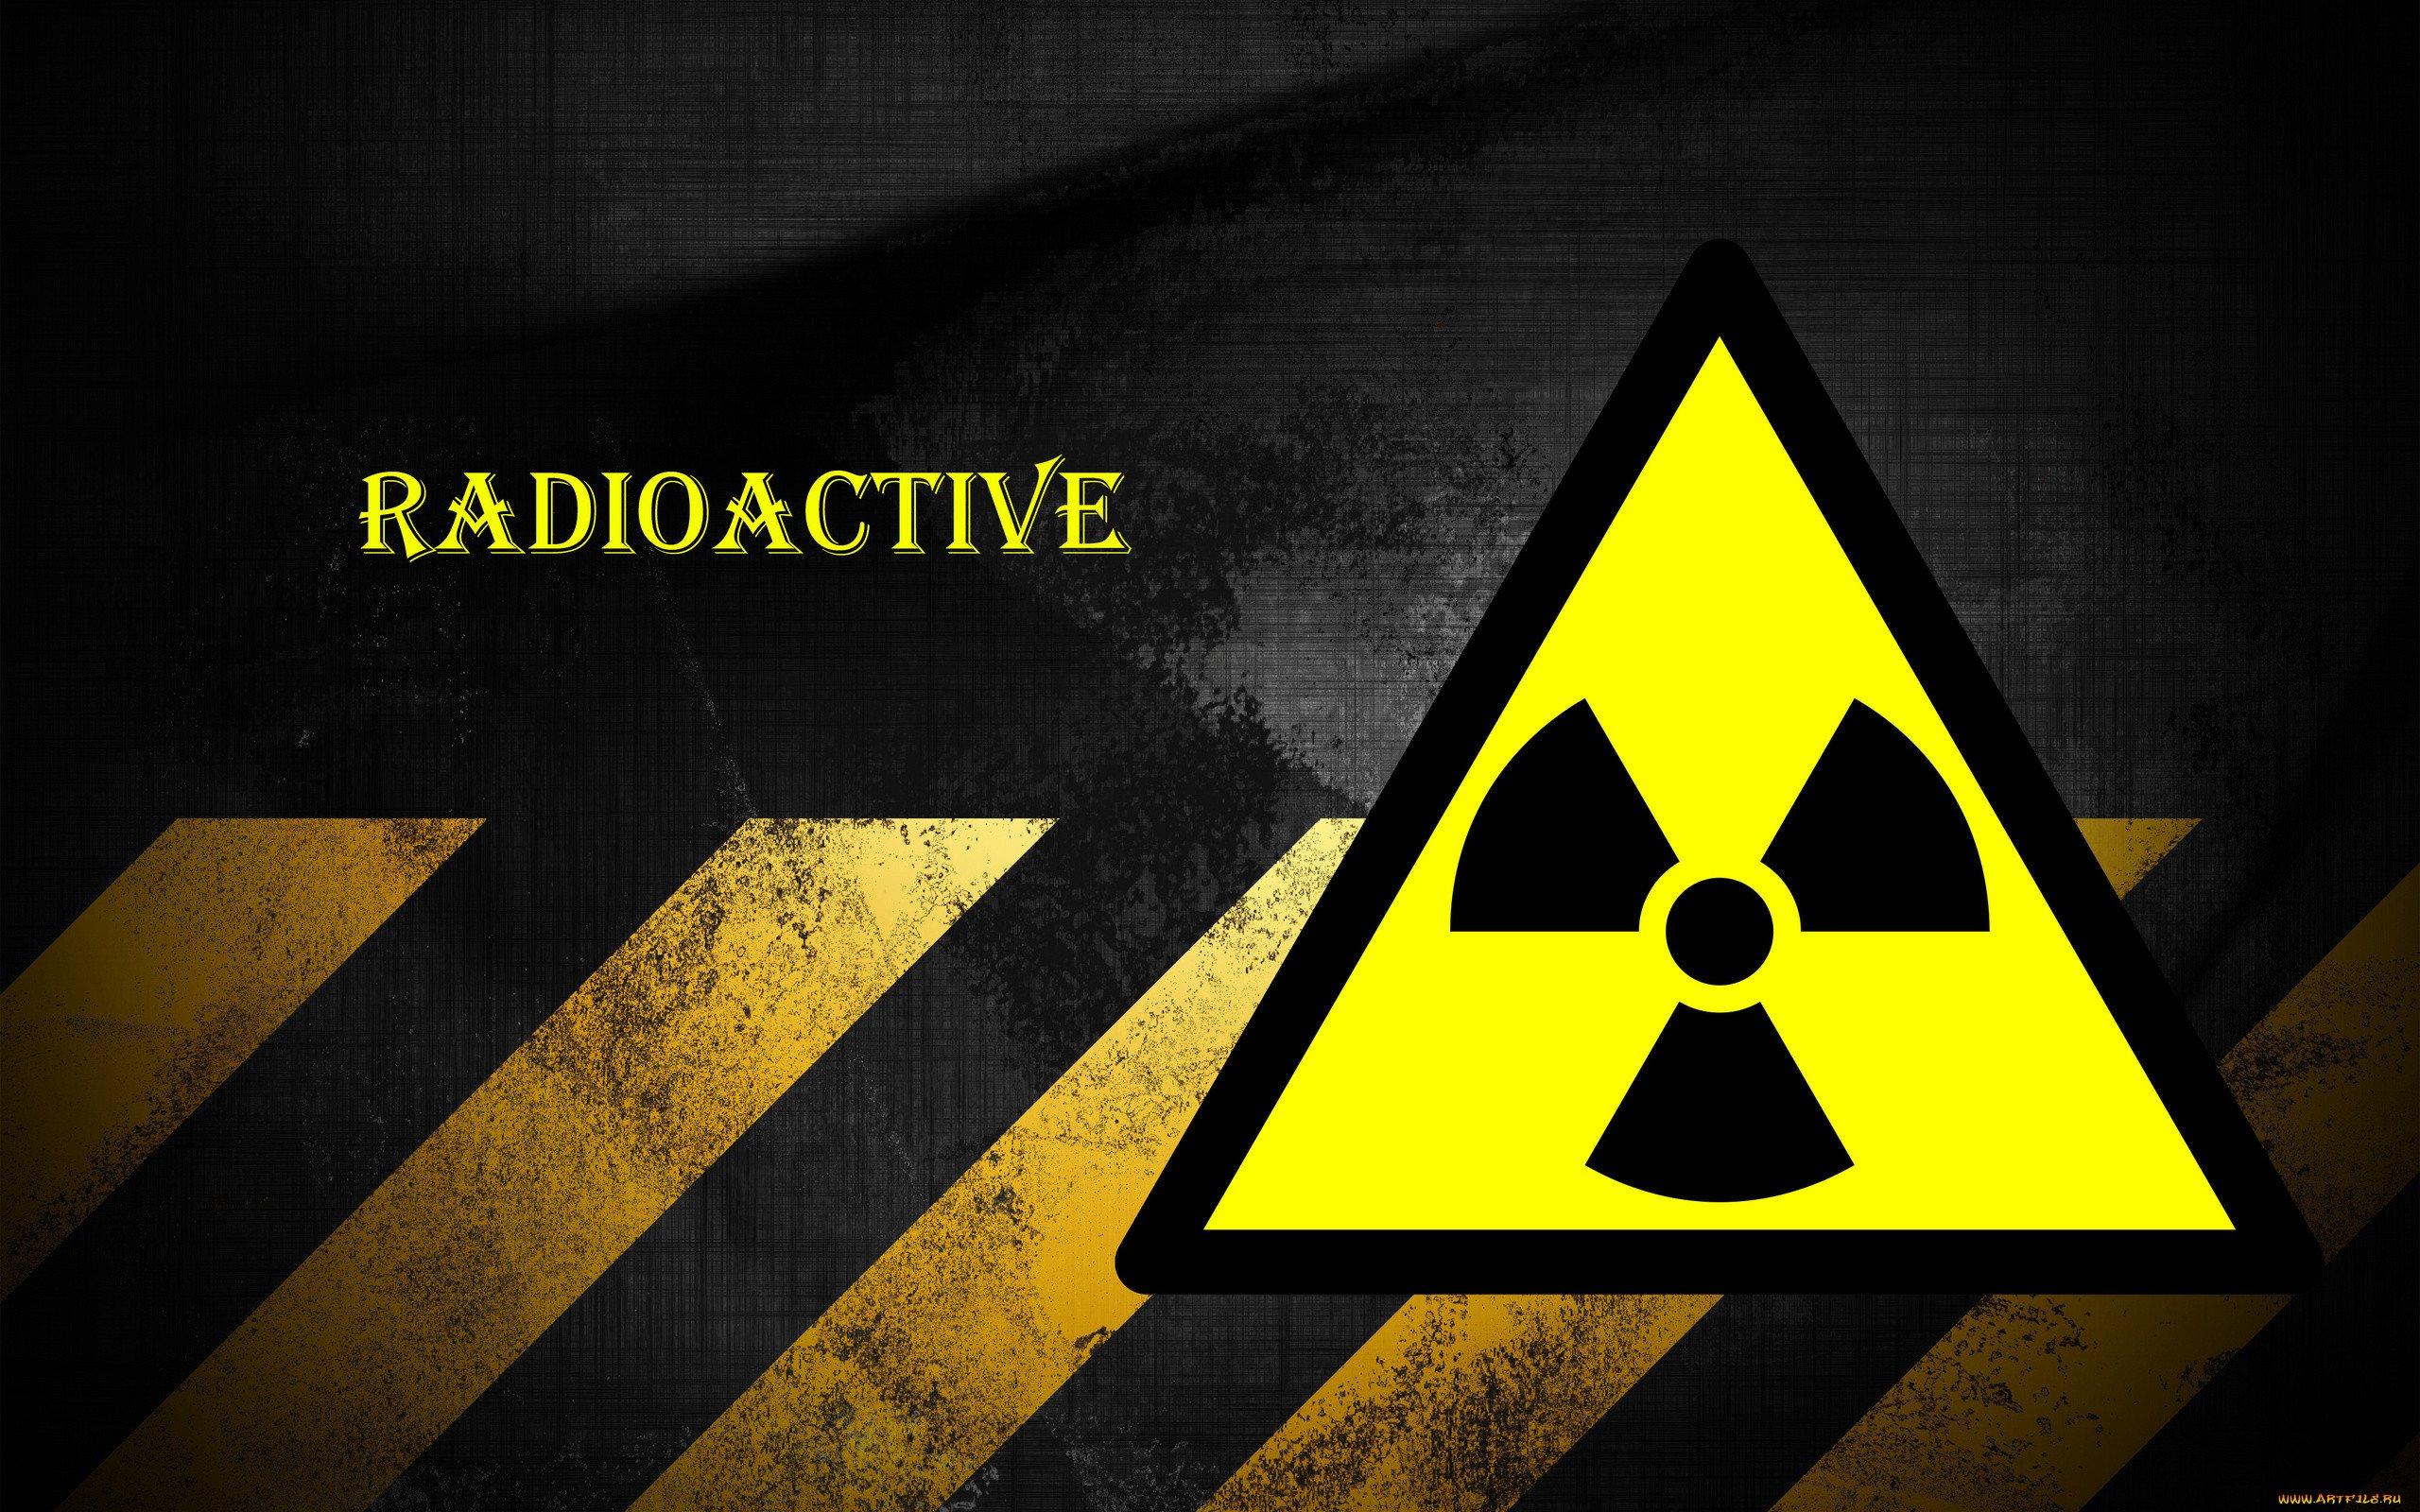 картинка химическая радиация что вам надо